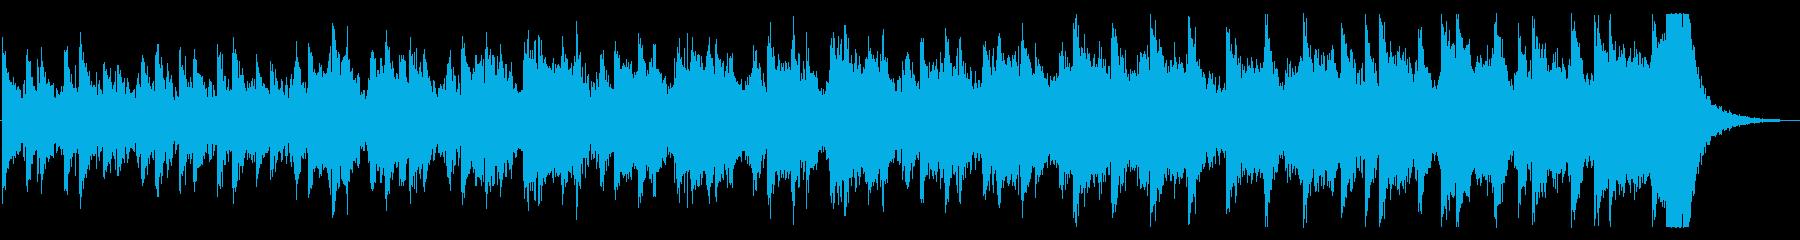 緊張感・恐怖感・サスペンスホラーの再生済みの波形